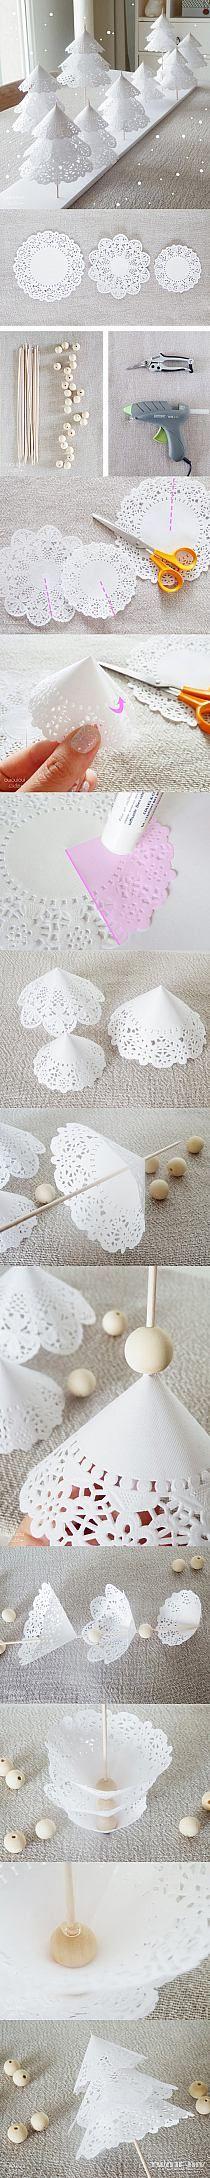 Kreativ! Süße, kleine Papier-Tannenbäume zum Selbermachen. #DIY